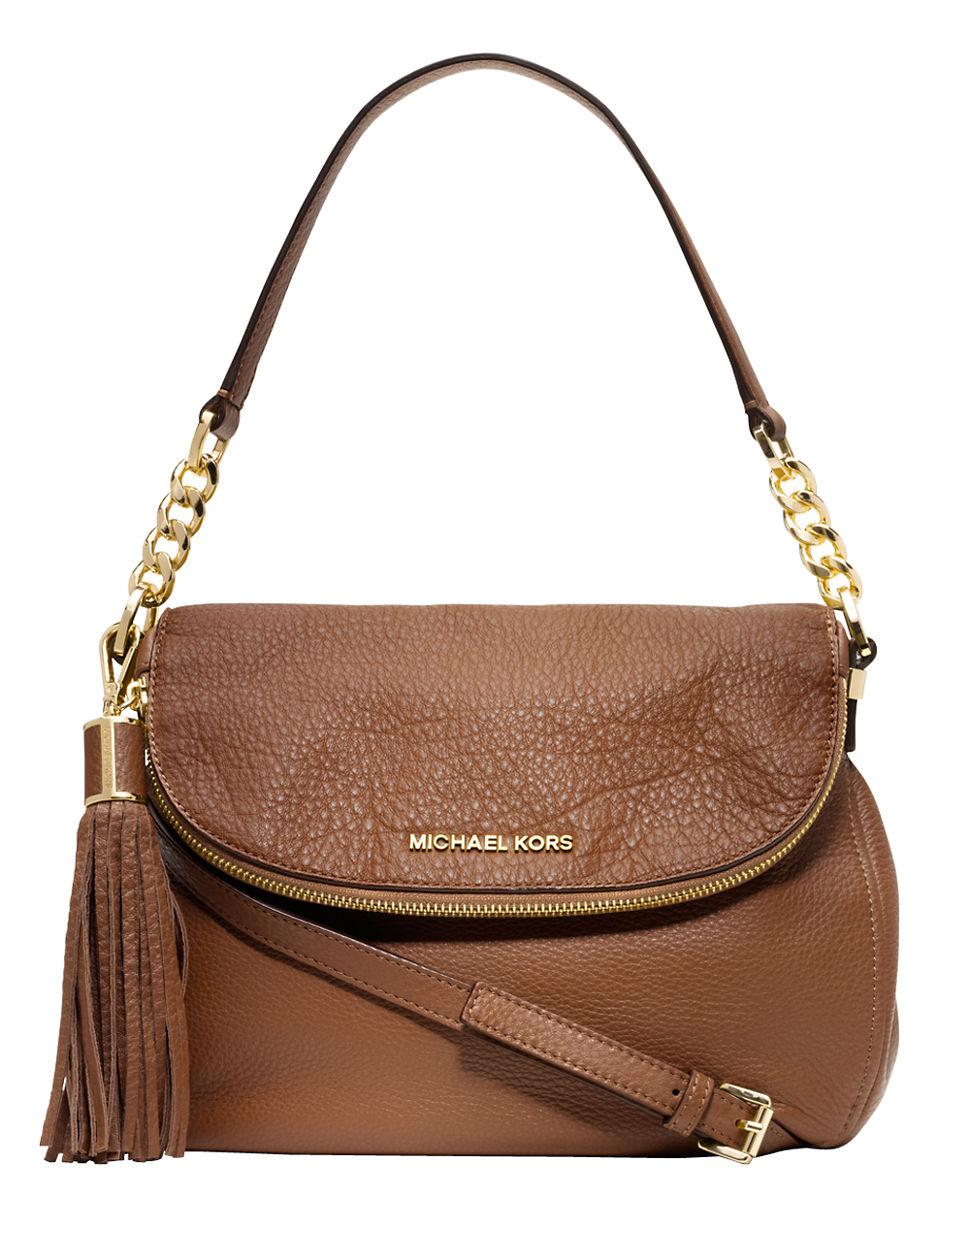 eef29b159220 Michael Kors Brown Leather Shoulder Bag | Stanford Center for ...